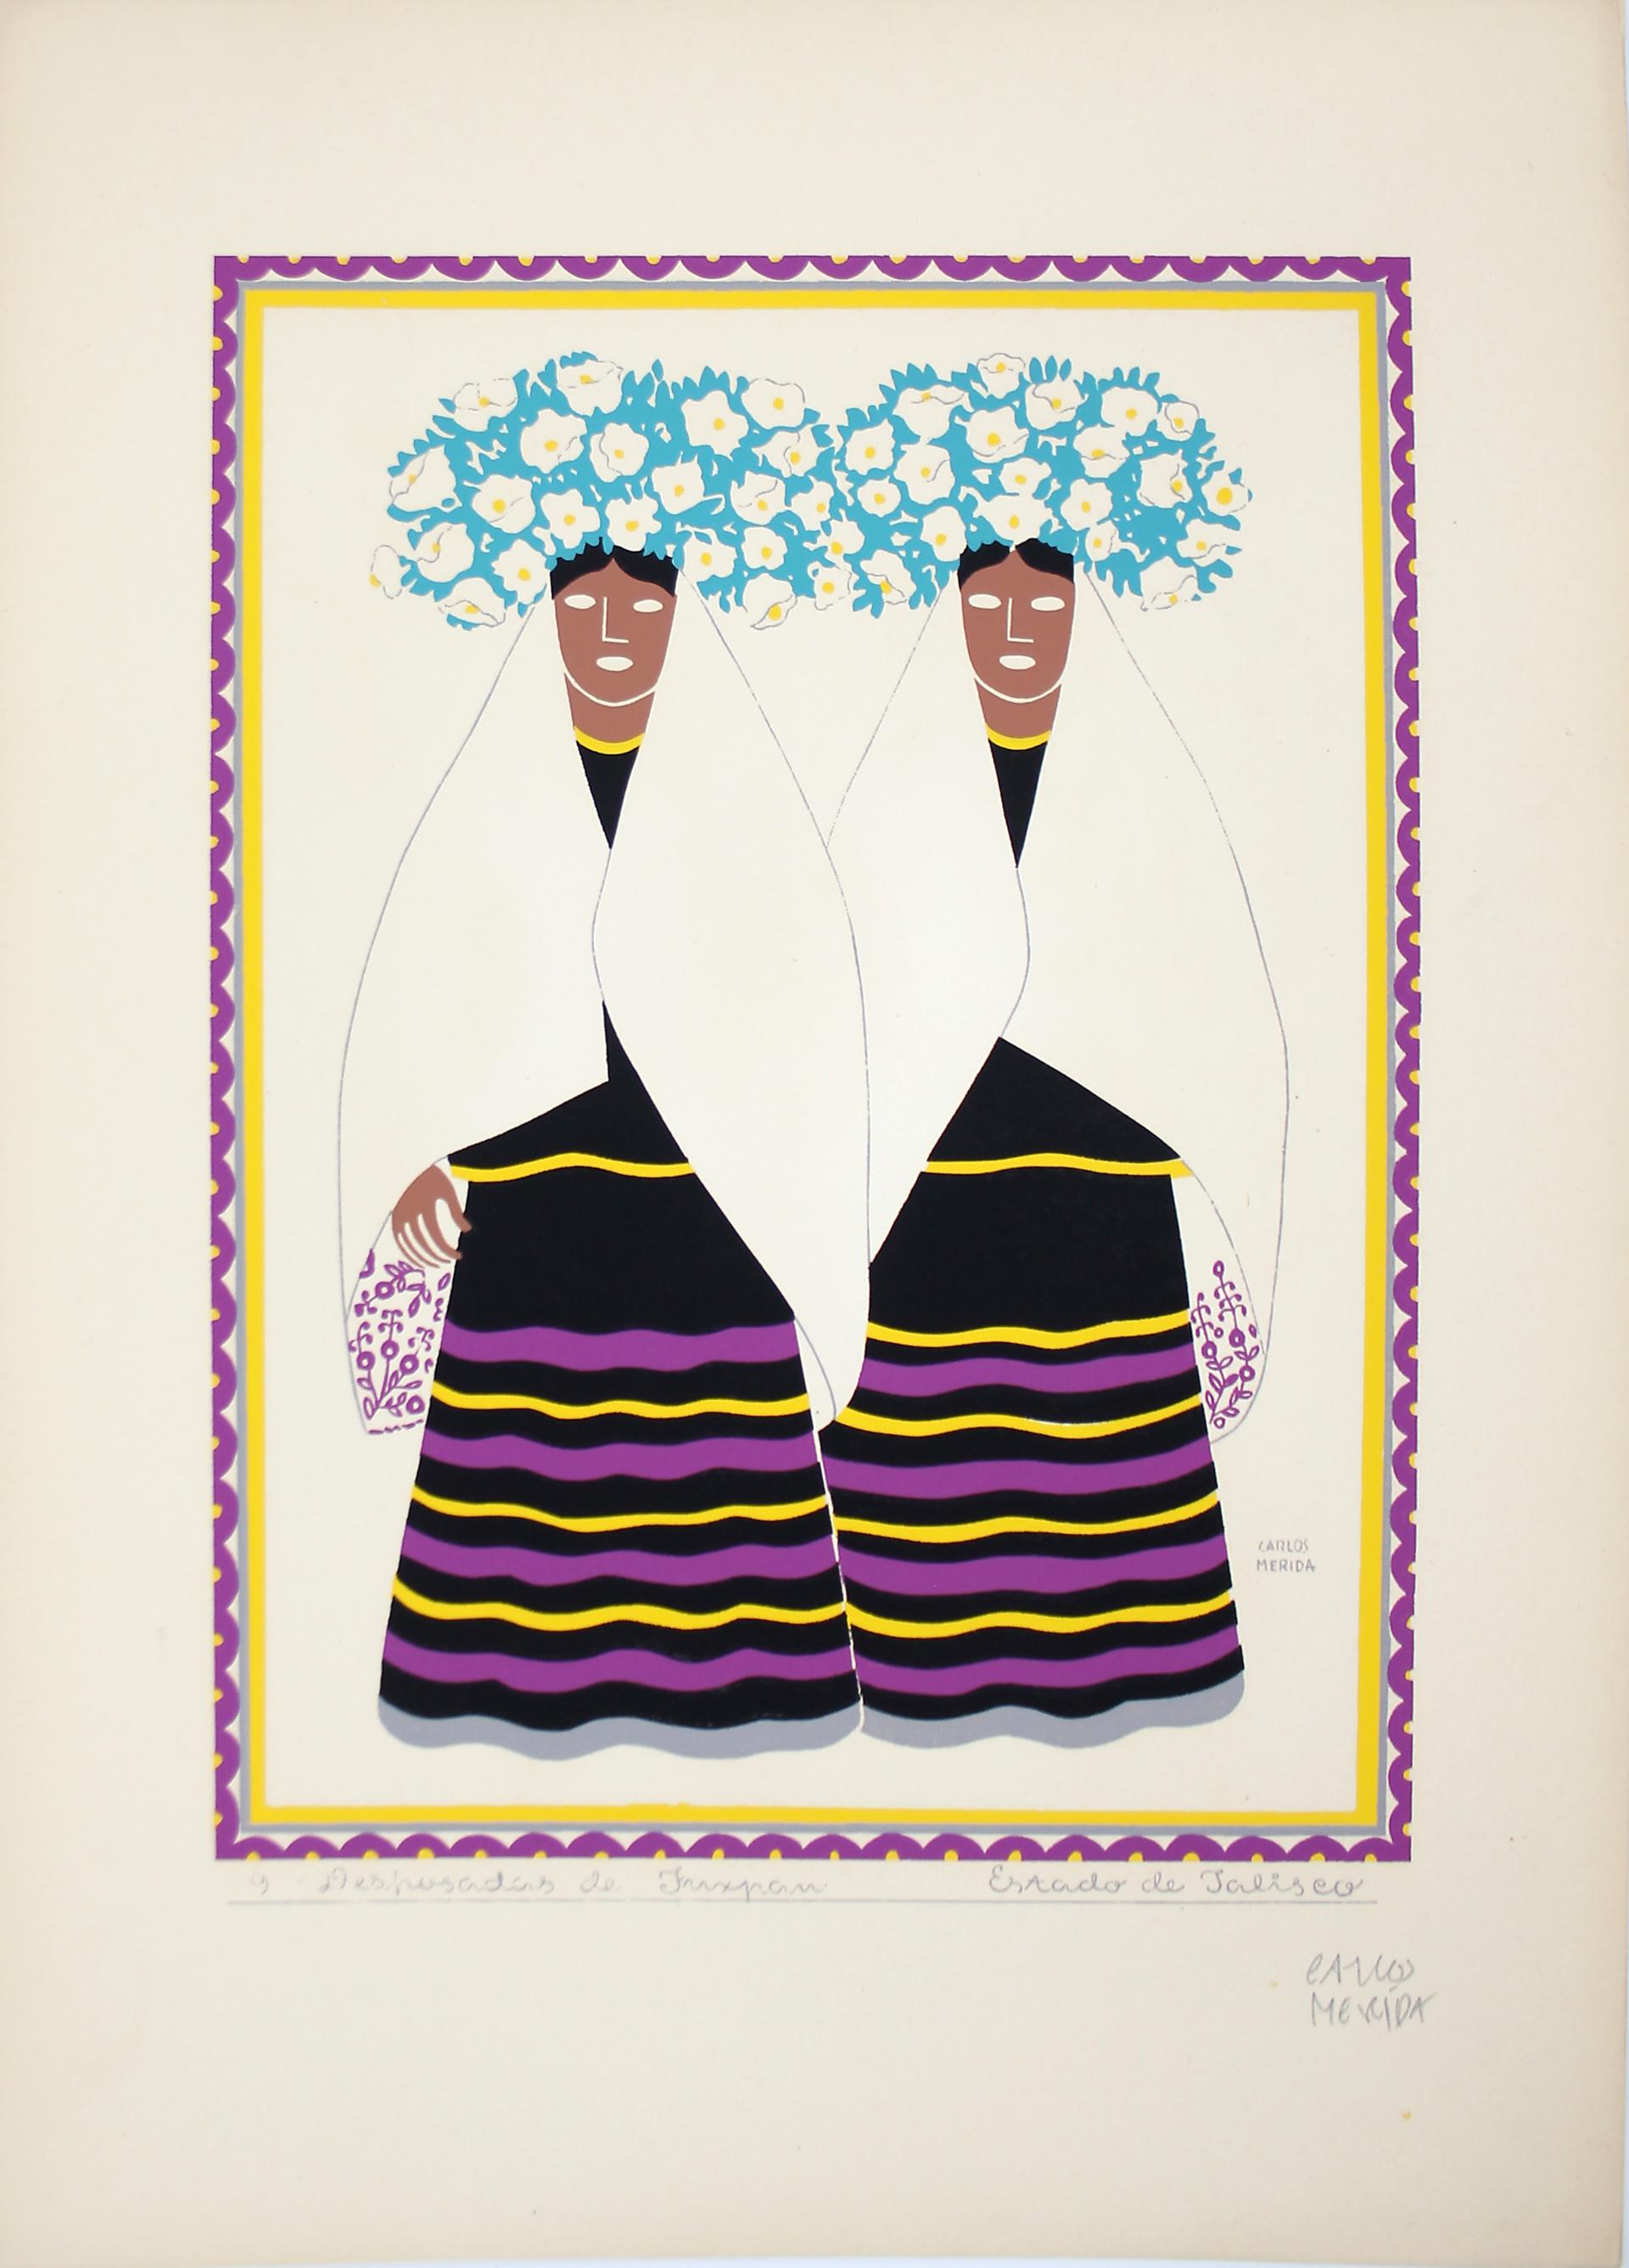 Desposadas de Tuxpan, Estado de Jalisco by Carlos Mérida (1891 - 1985)